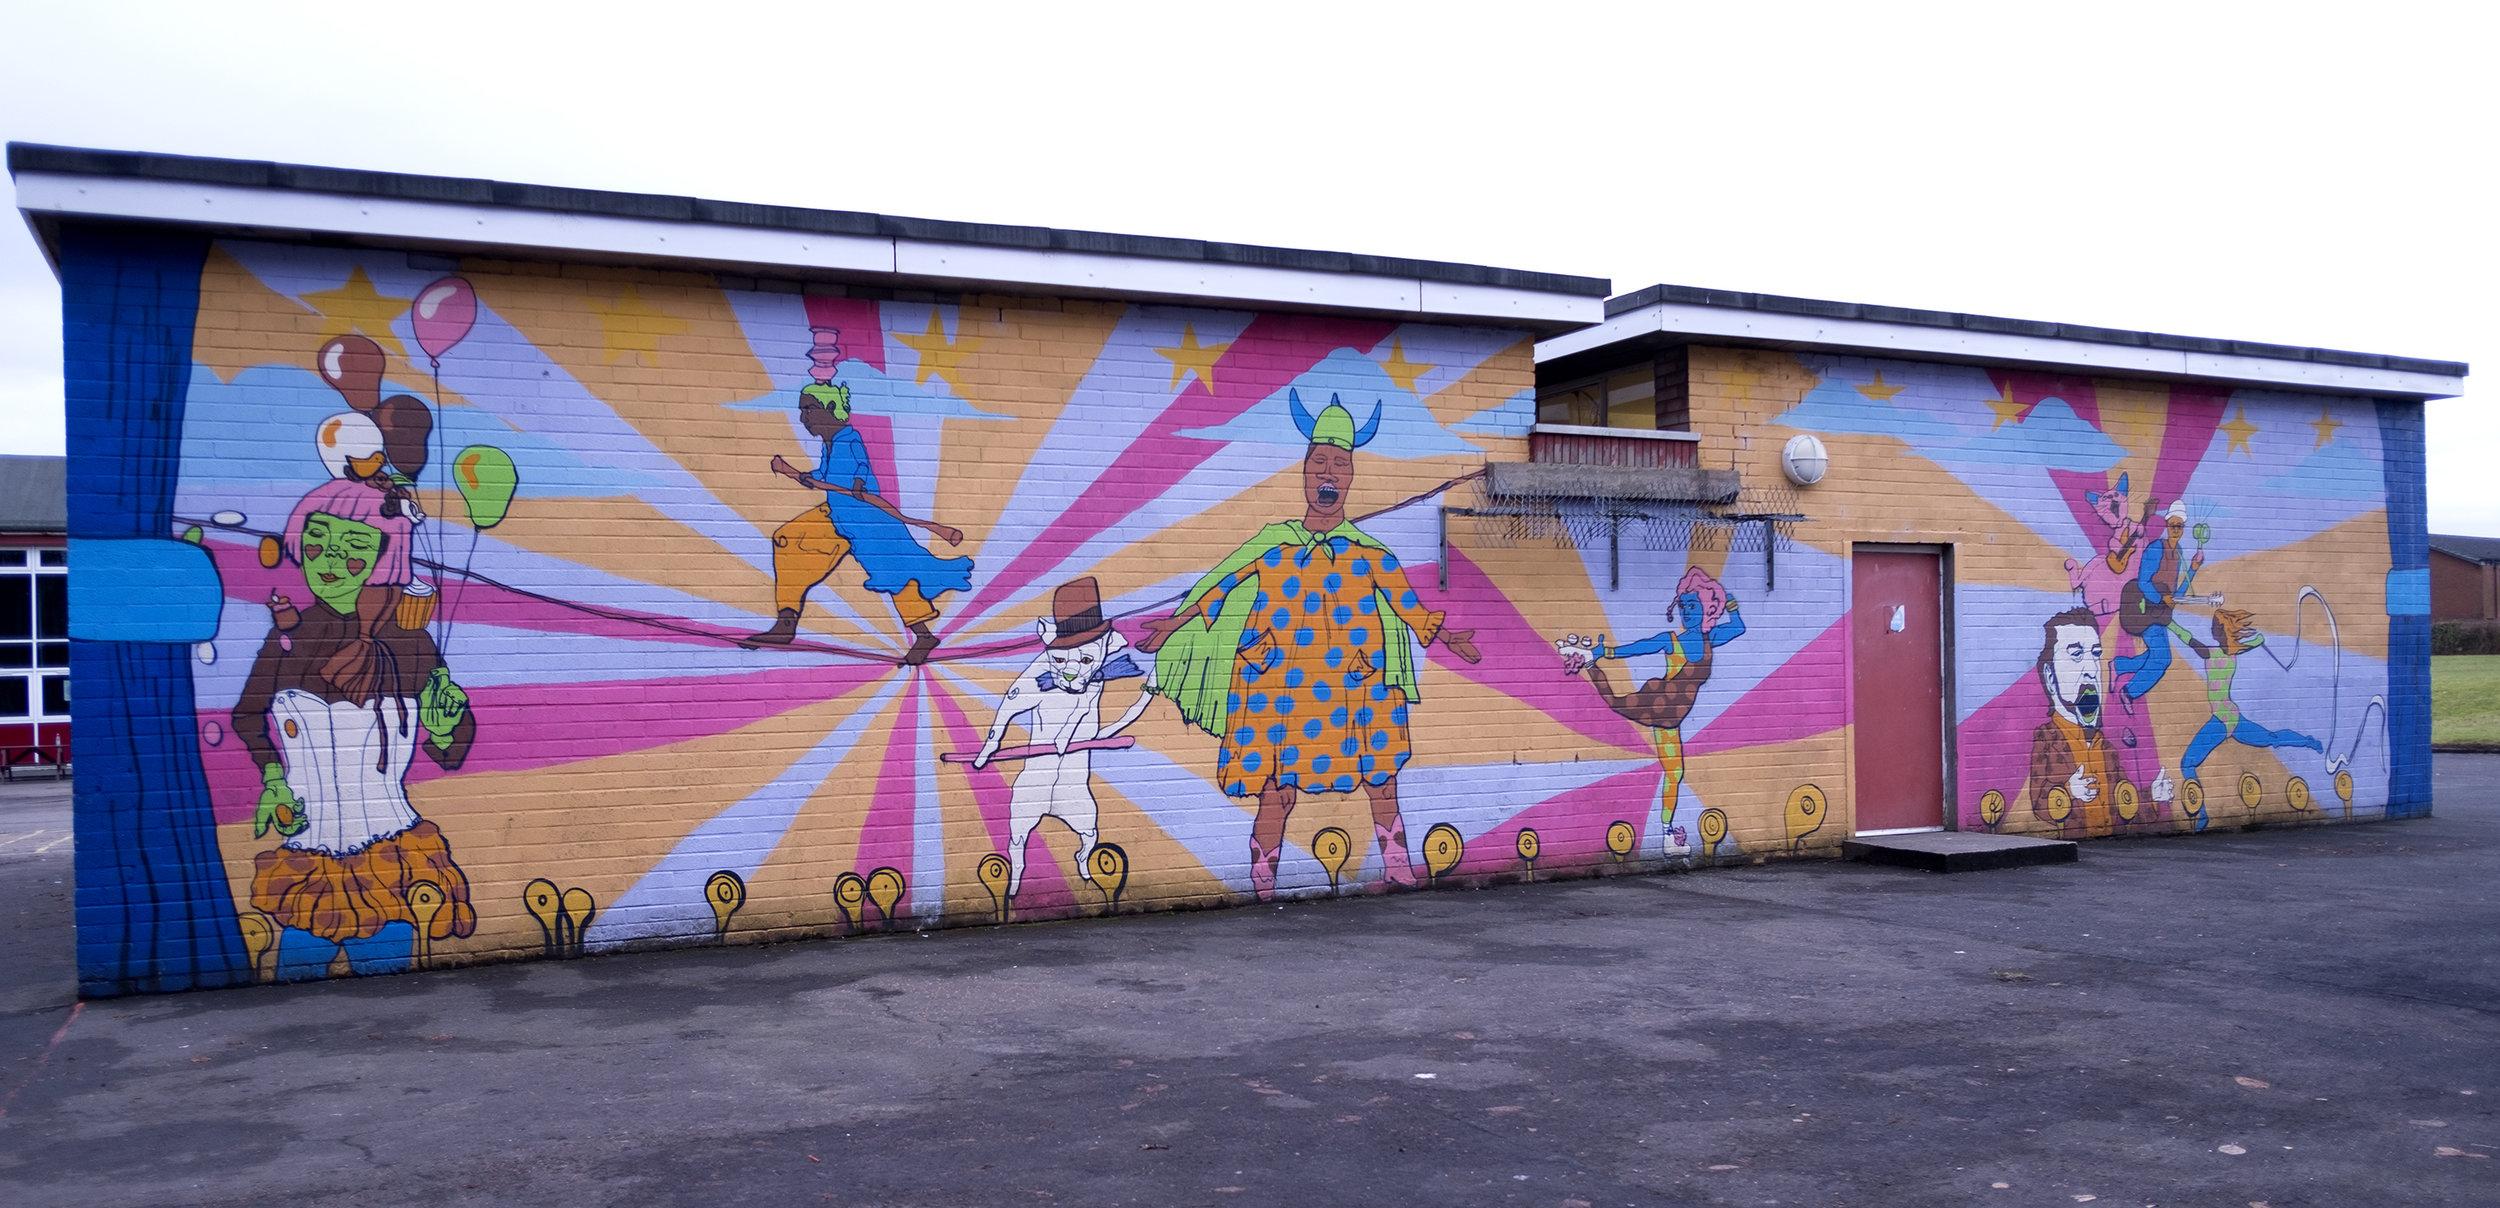 Whiten_school mural circus Faifley 6.jpg